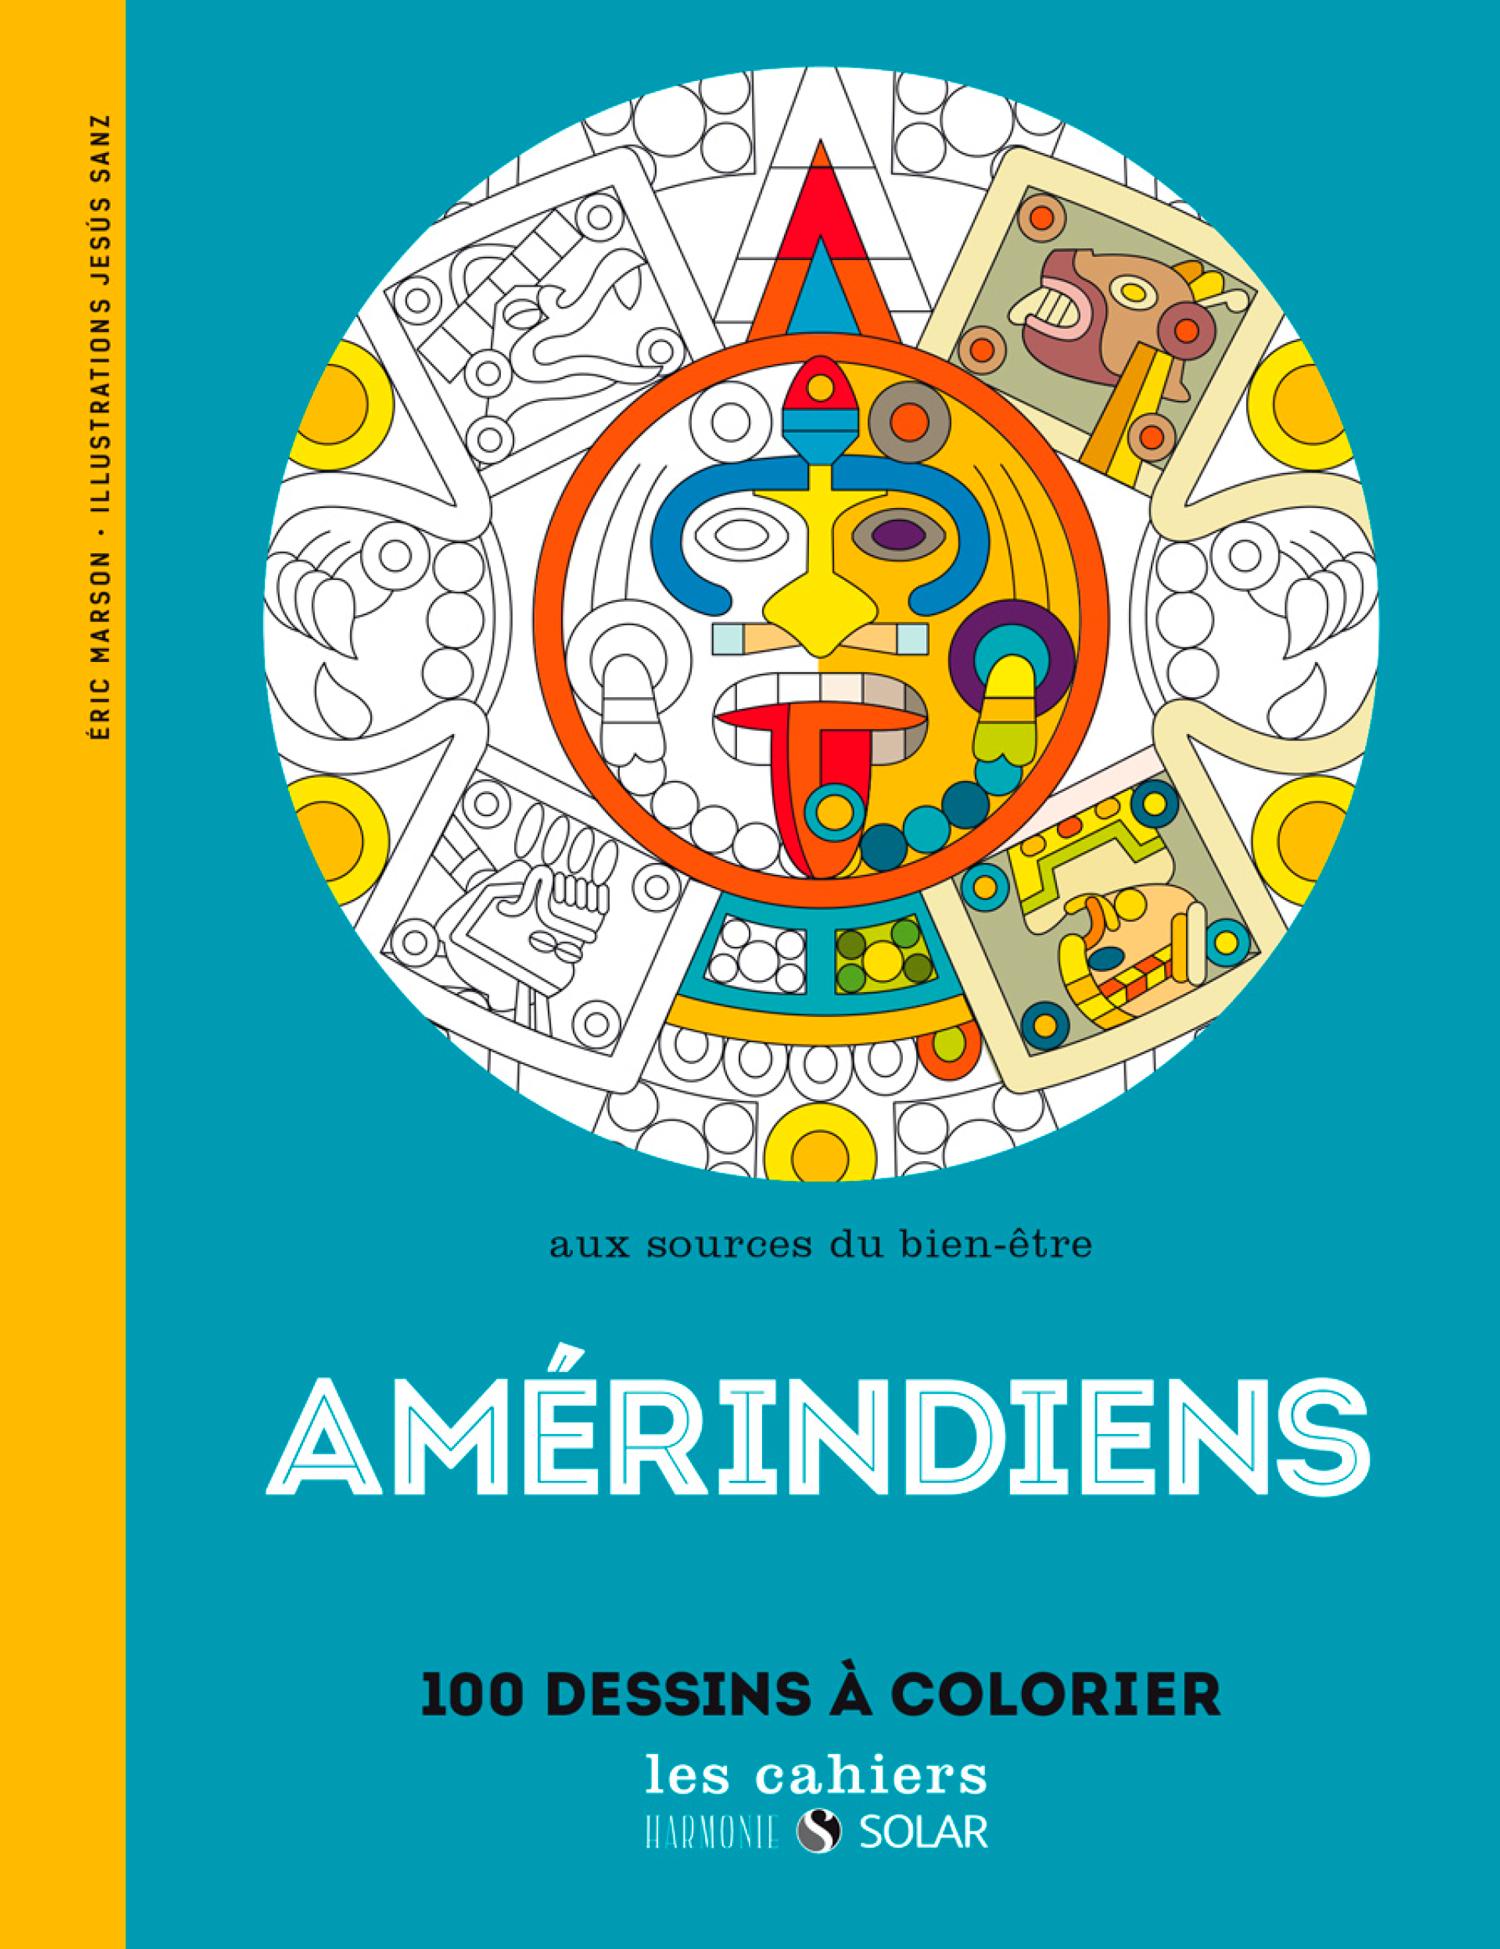 Amerindiens-01